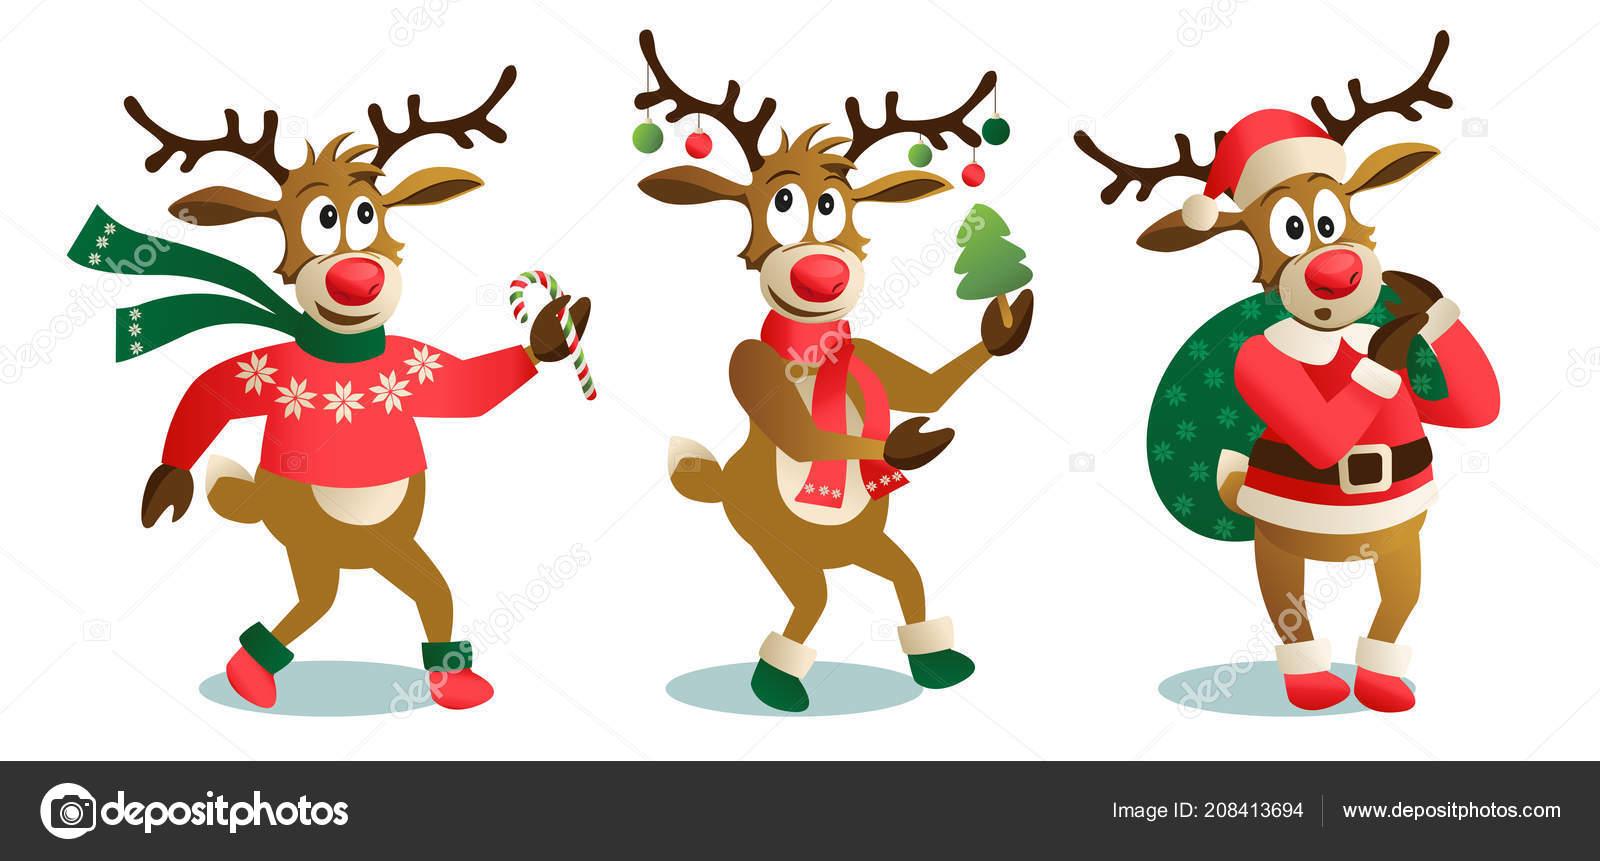 Immagini Carine Natale.Illustrazione Renne Carine Renne Natale Carine Divertente